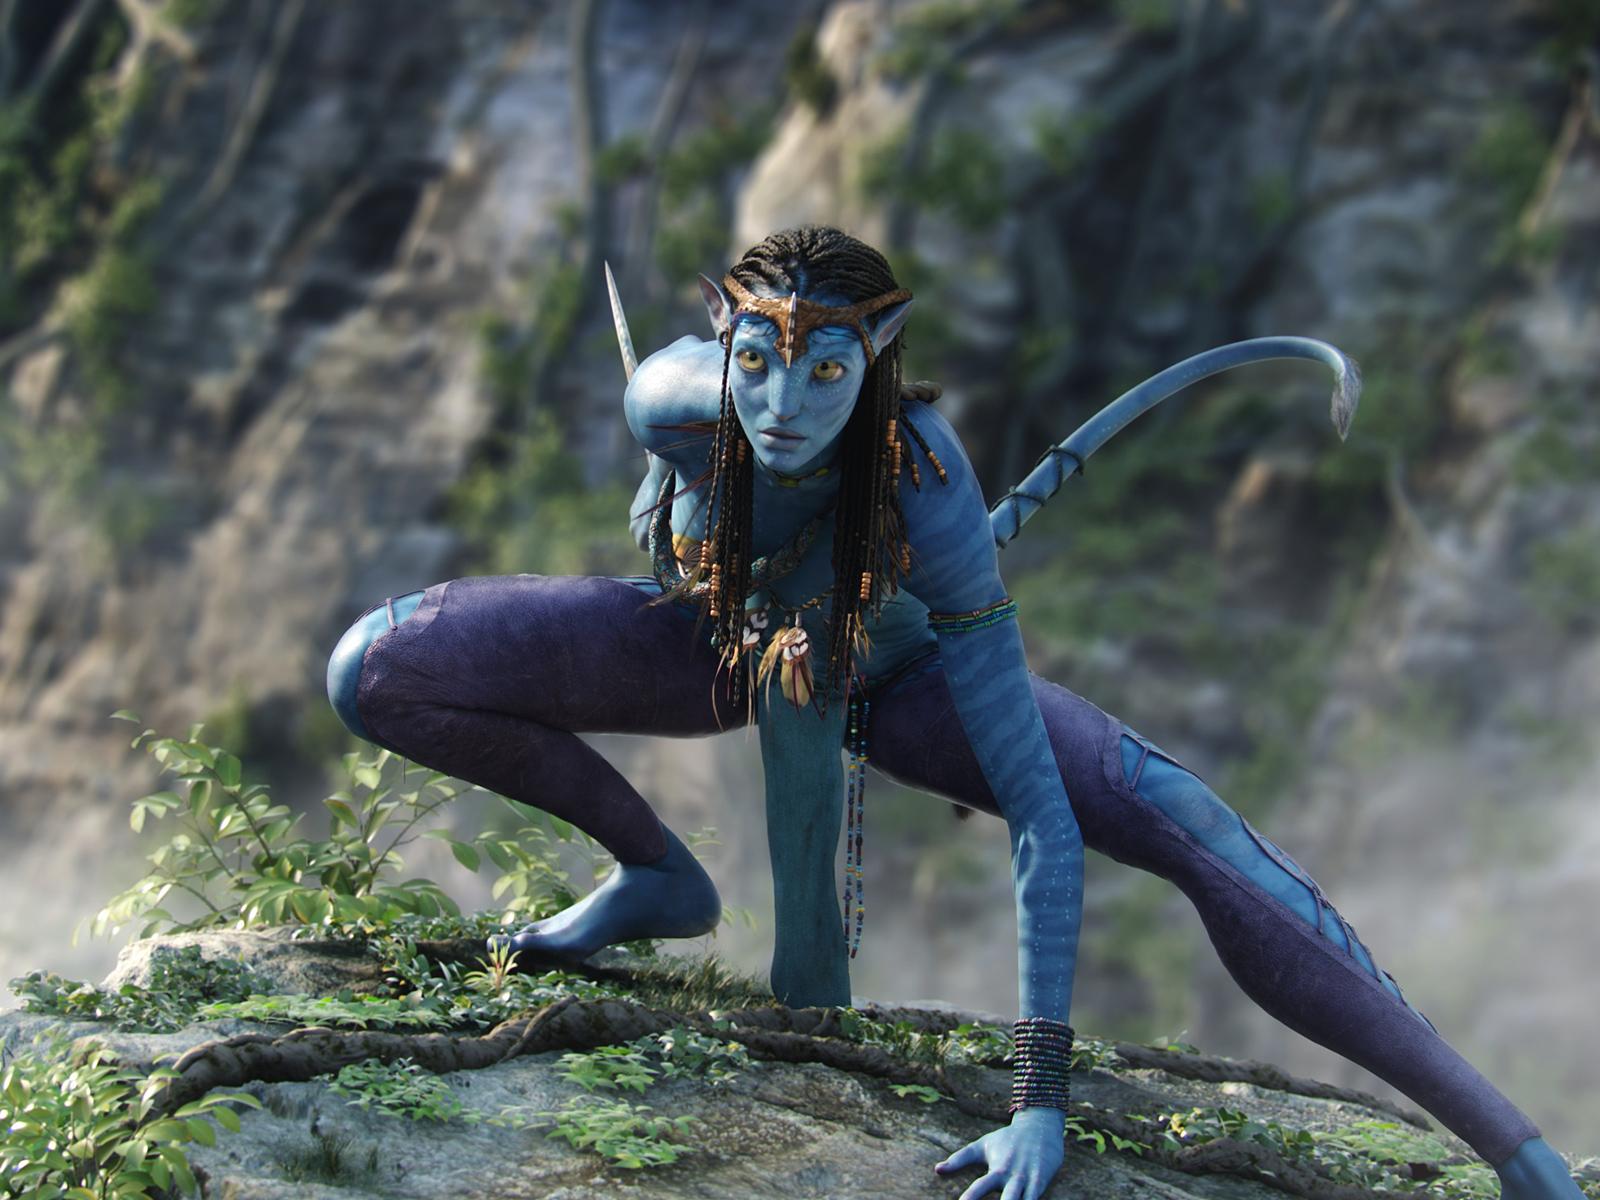 Нейтири из фильма Аватар » Аватар ...: www.kartinki24.ru/kartinki/avatar/6026.html